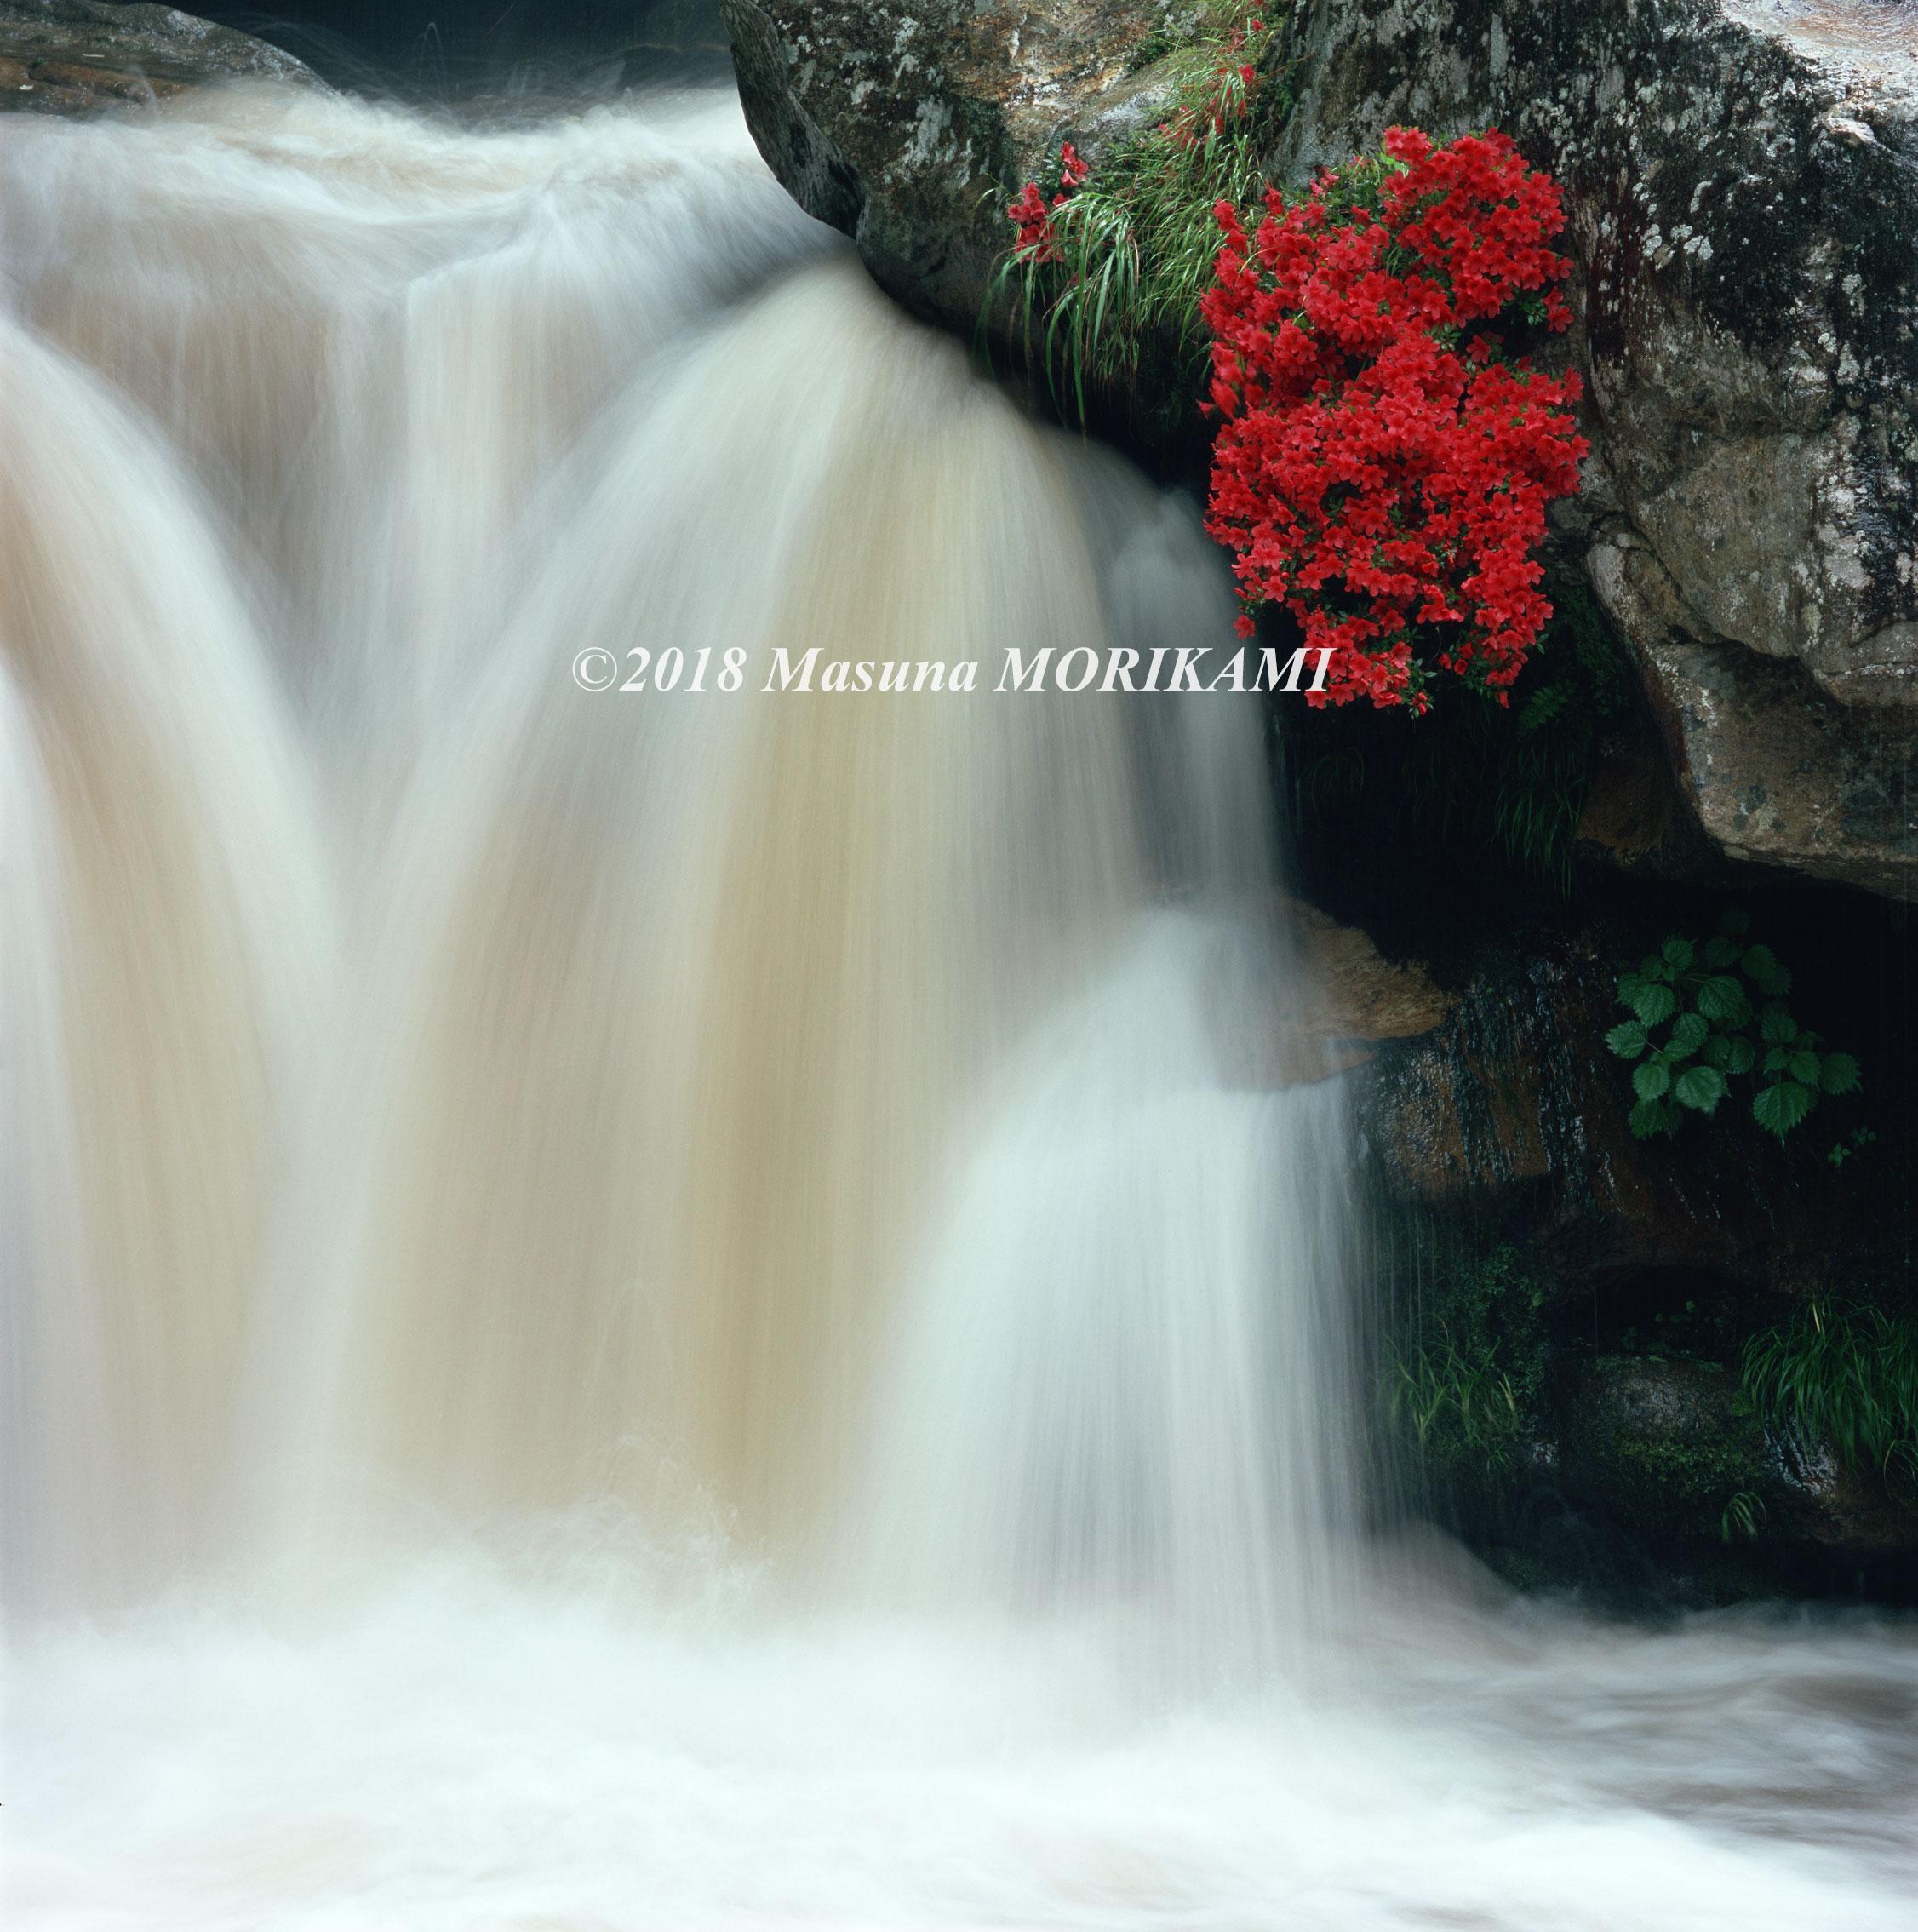 05 朱色の滝かざり/長野県根羽村/2006.7.9 11:50